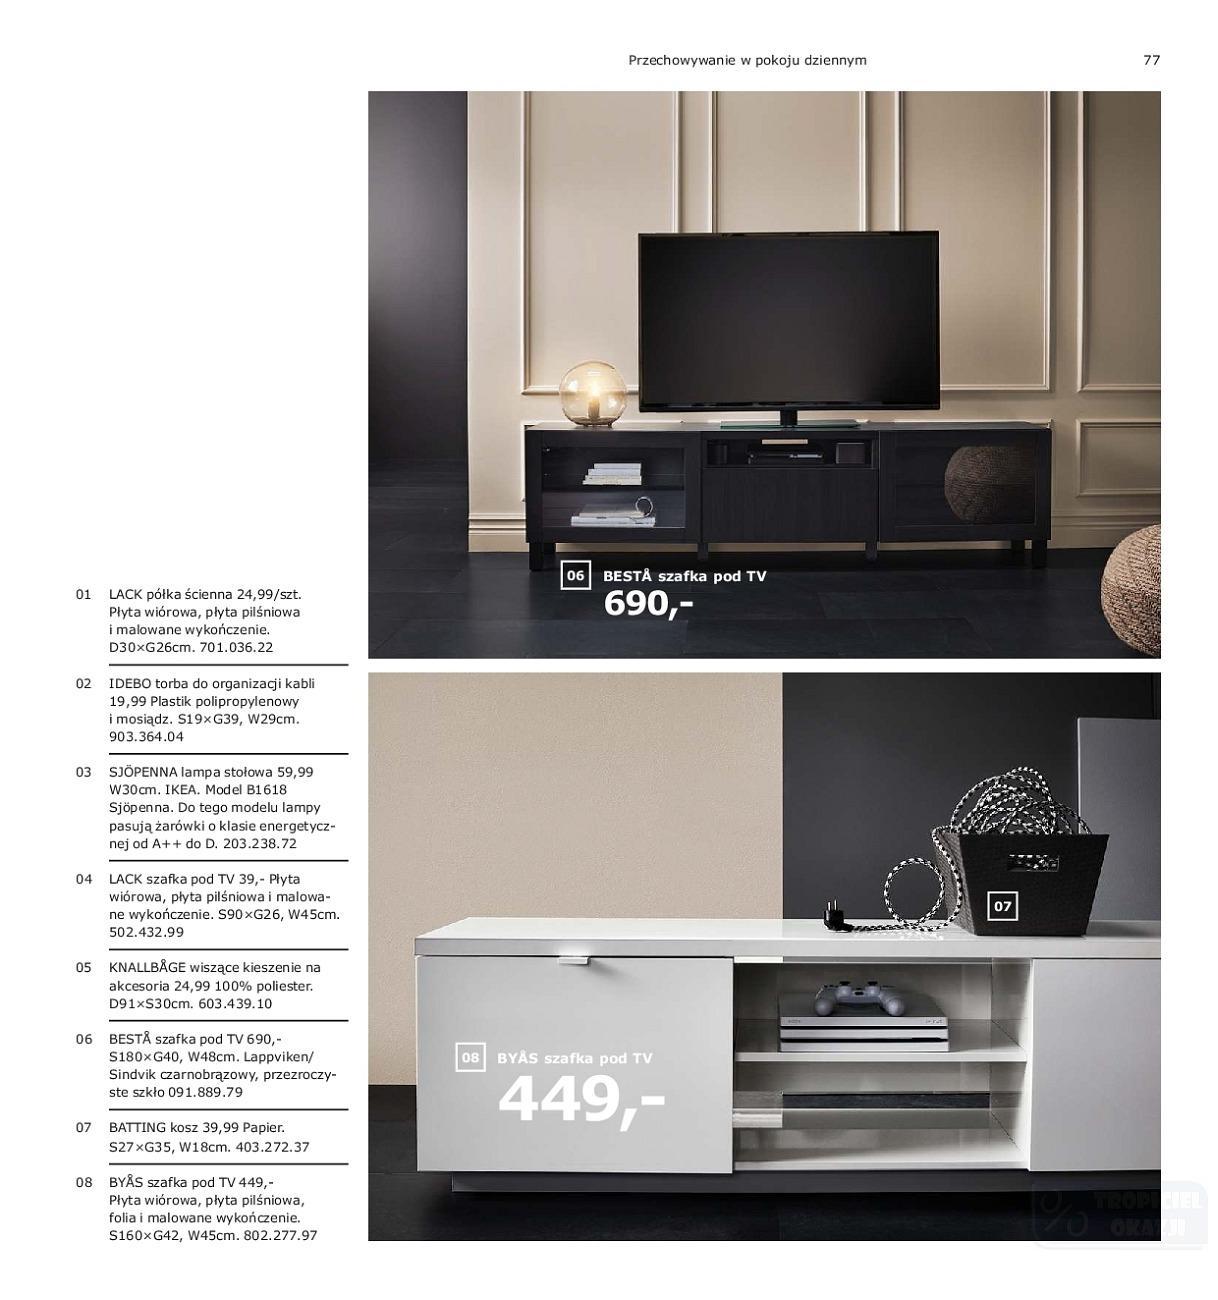 Gazetka promocyjna IKEA do 31/07/2019 str.77